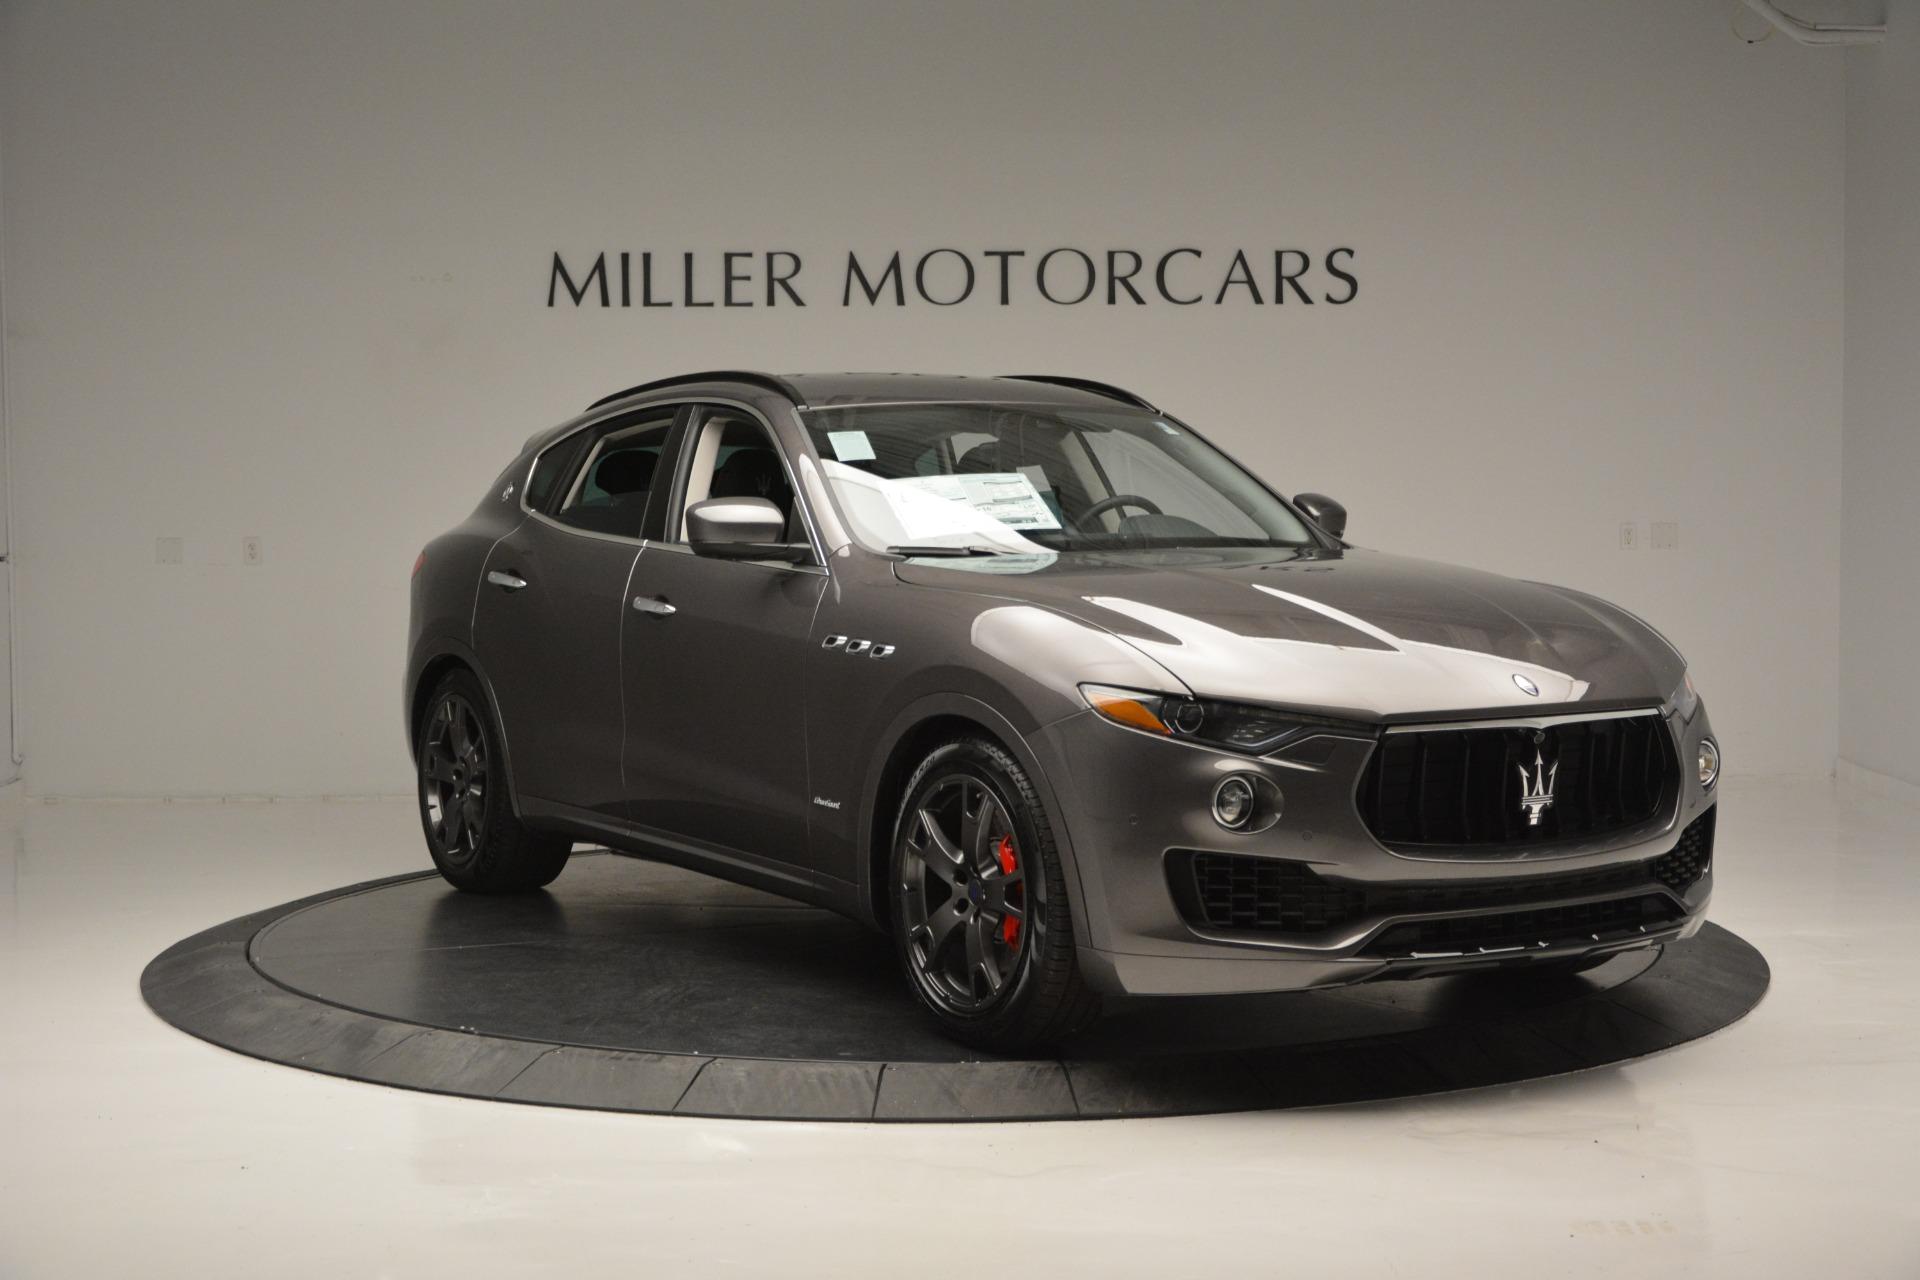 New 2018 Maserati Levante S Q4 GranSport For Sale In Westport, CT 2360_p11